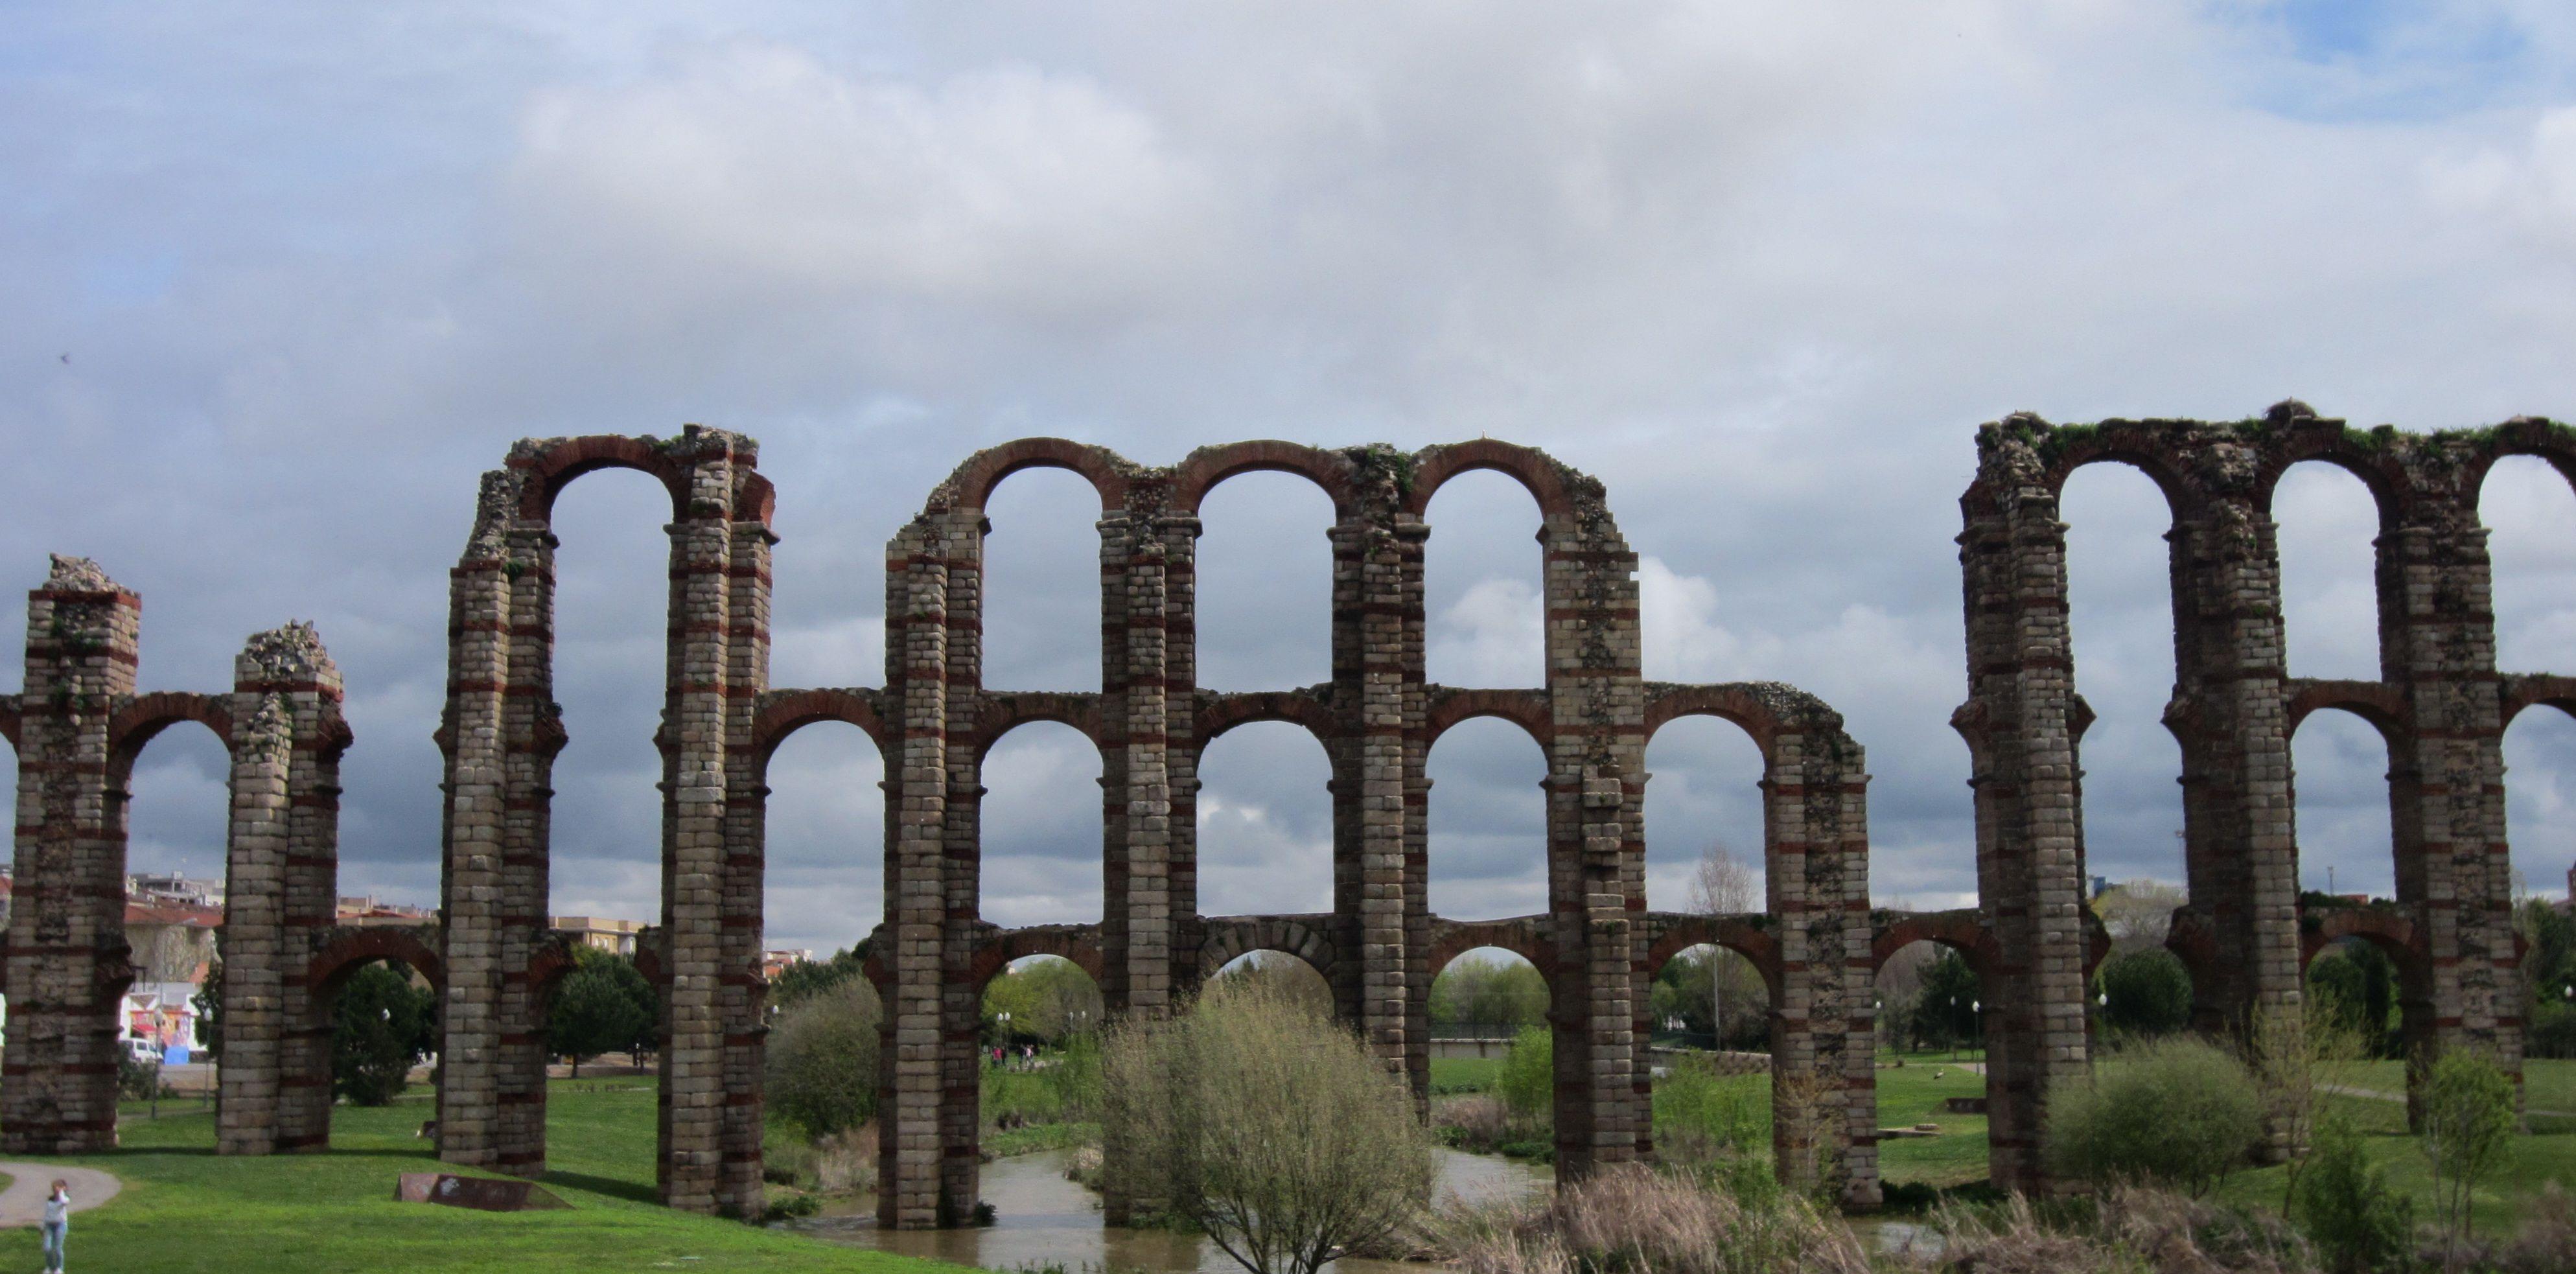 aqueduct merida spain